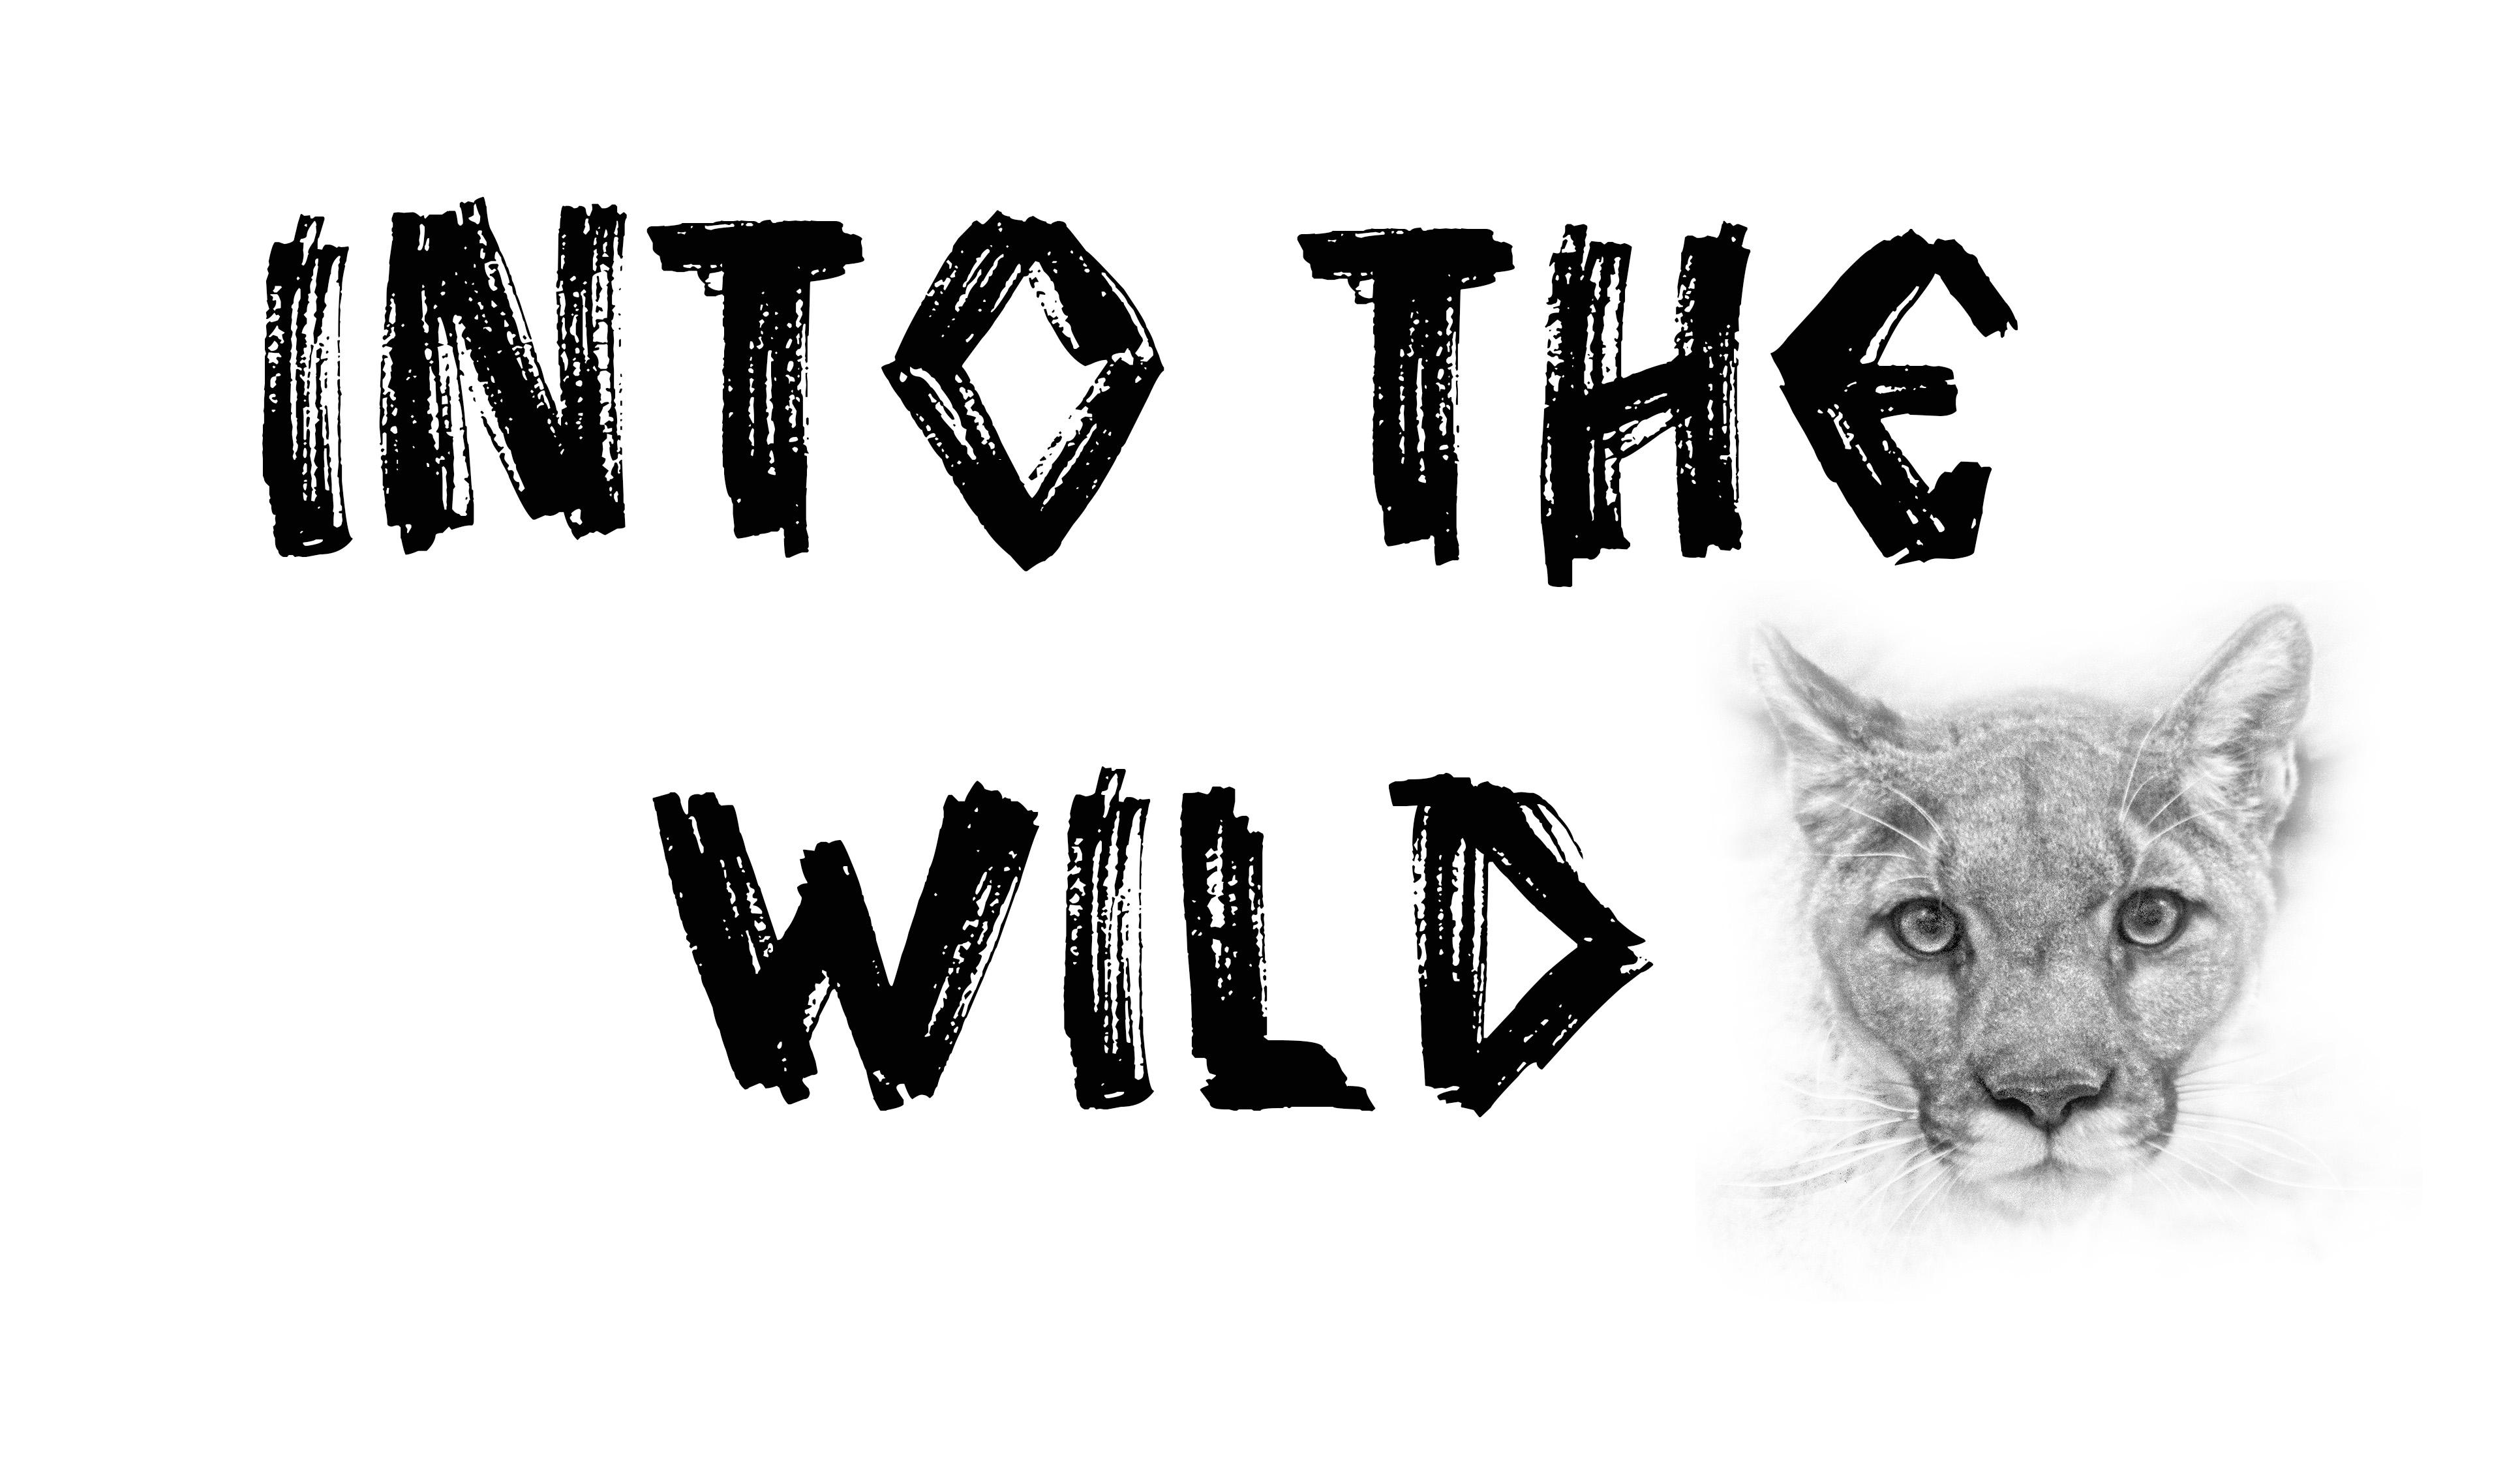 wild life sanctuary